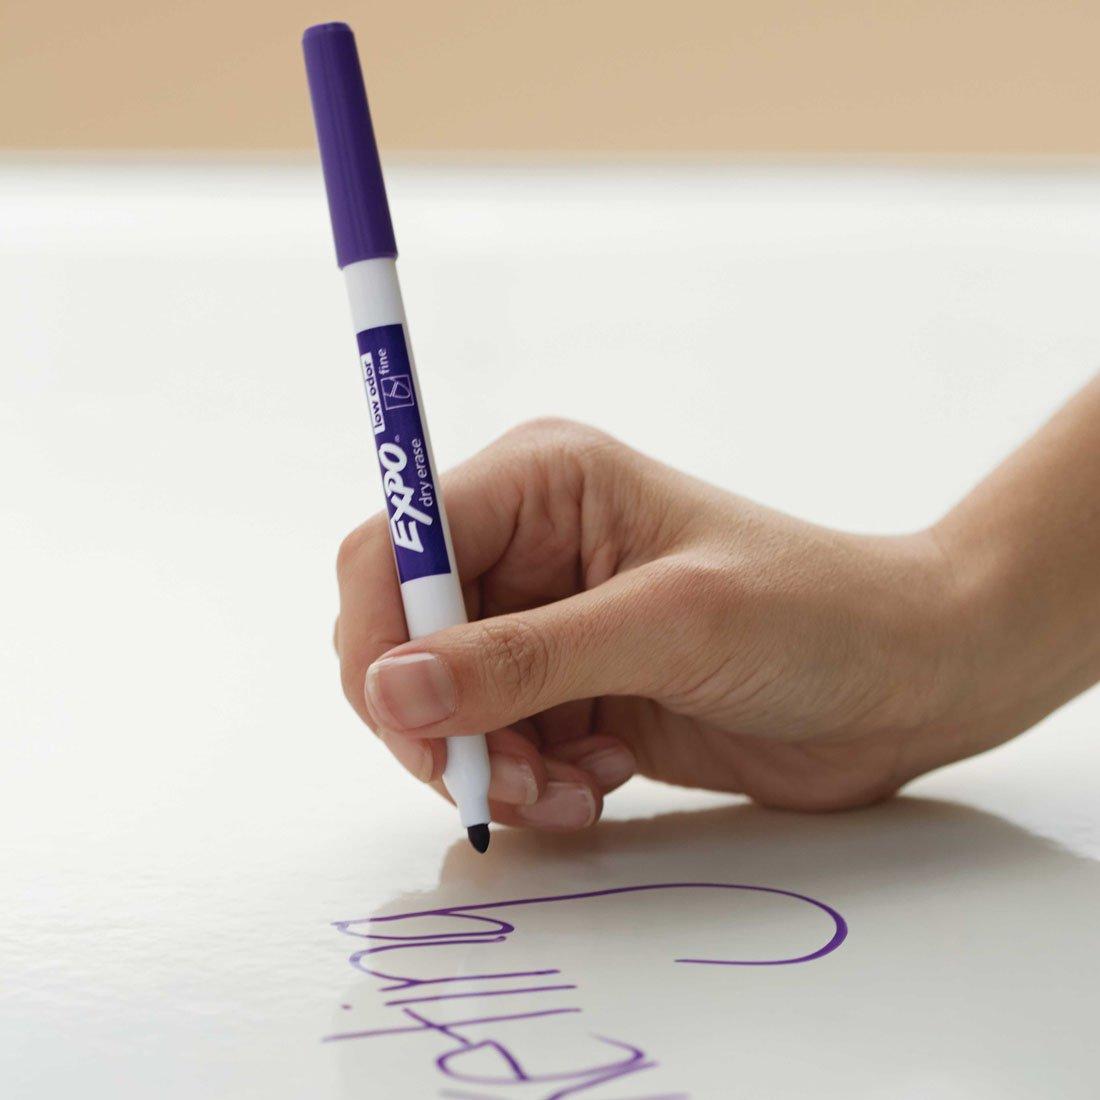 writing on whiteboard in fine purple marker